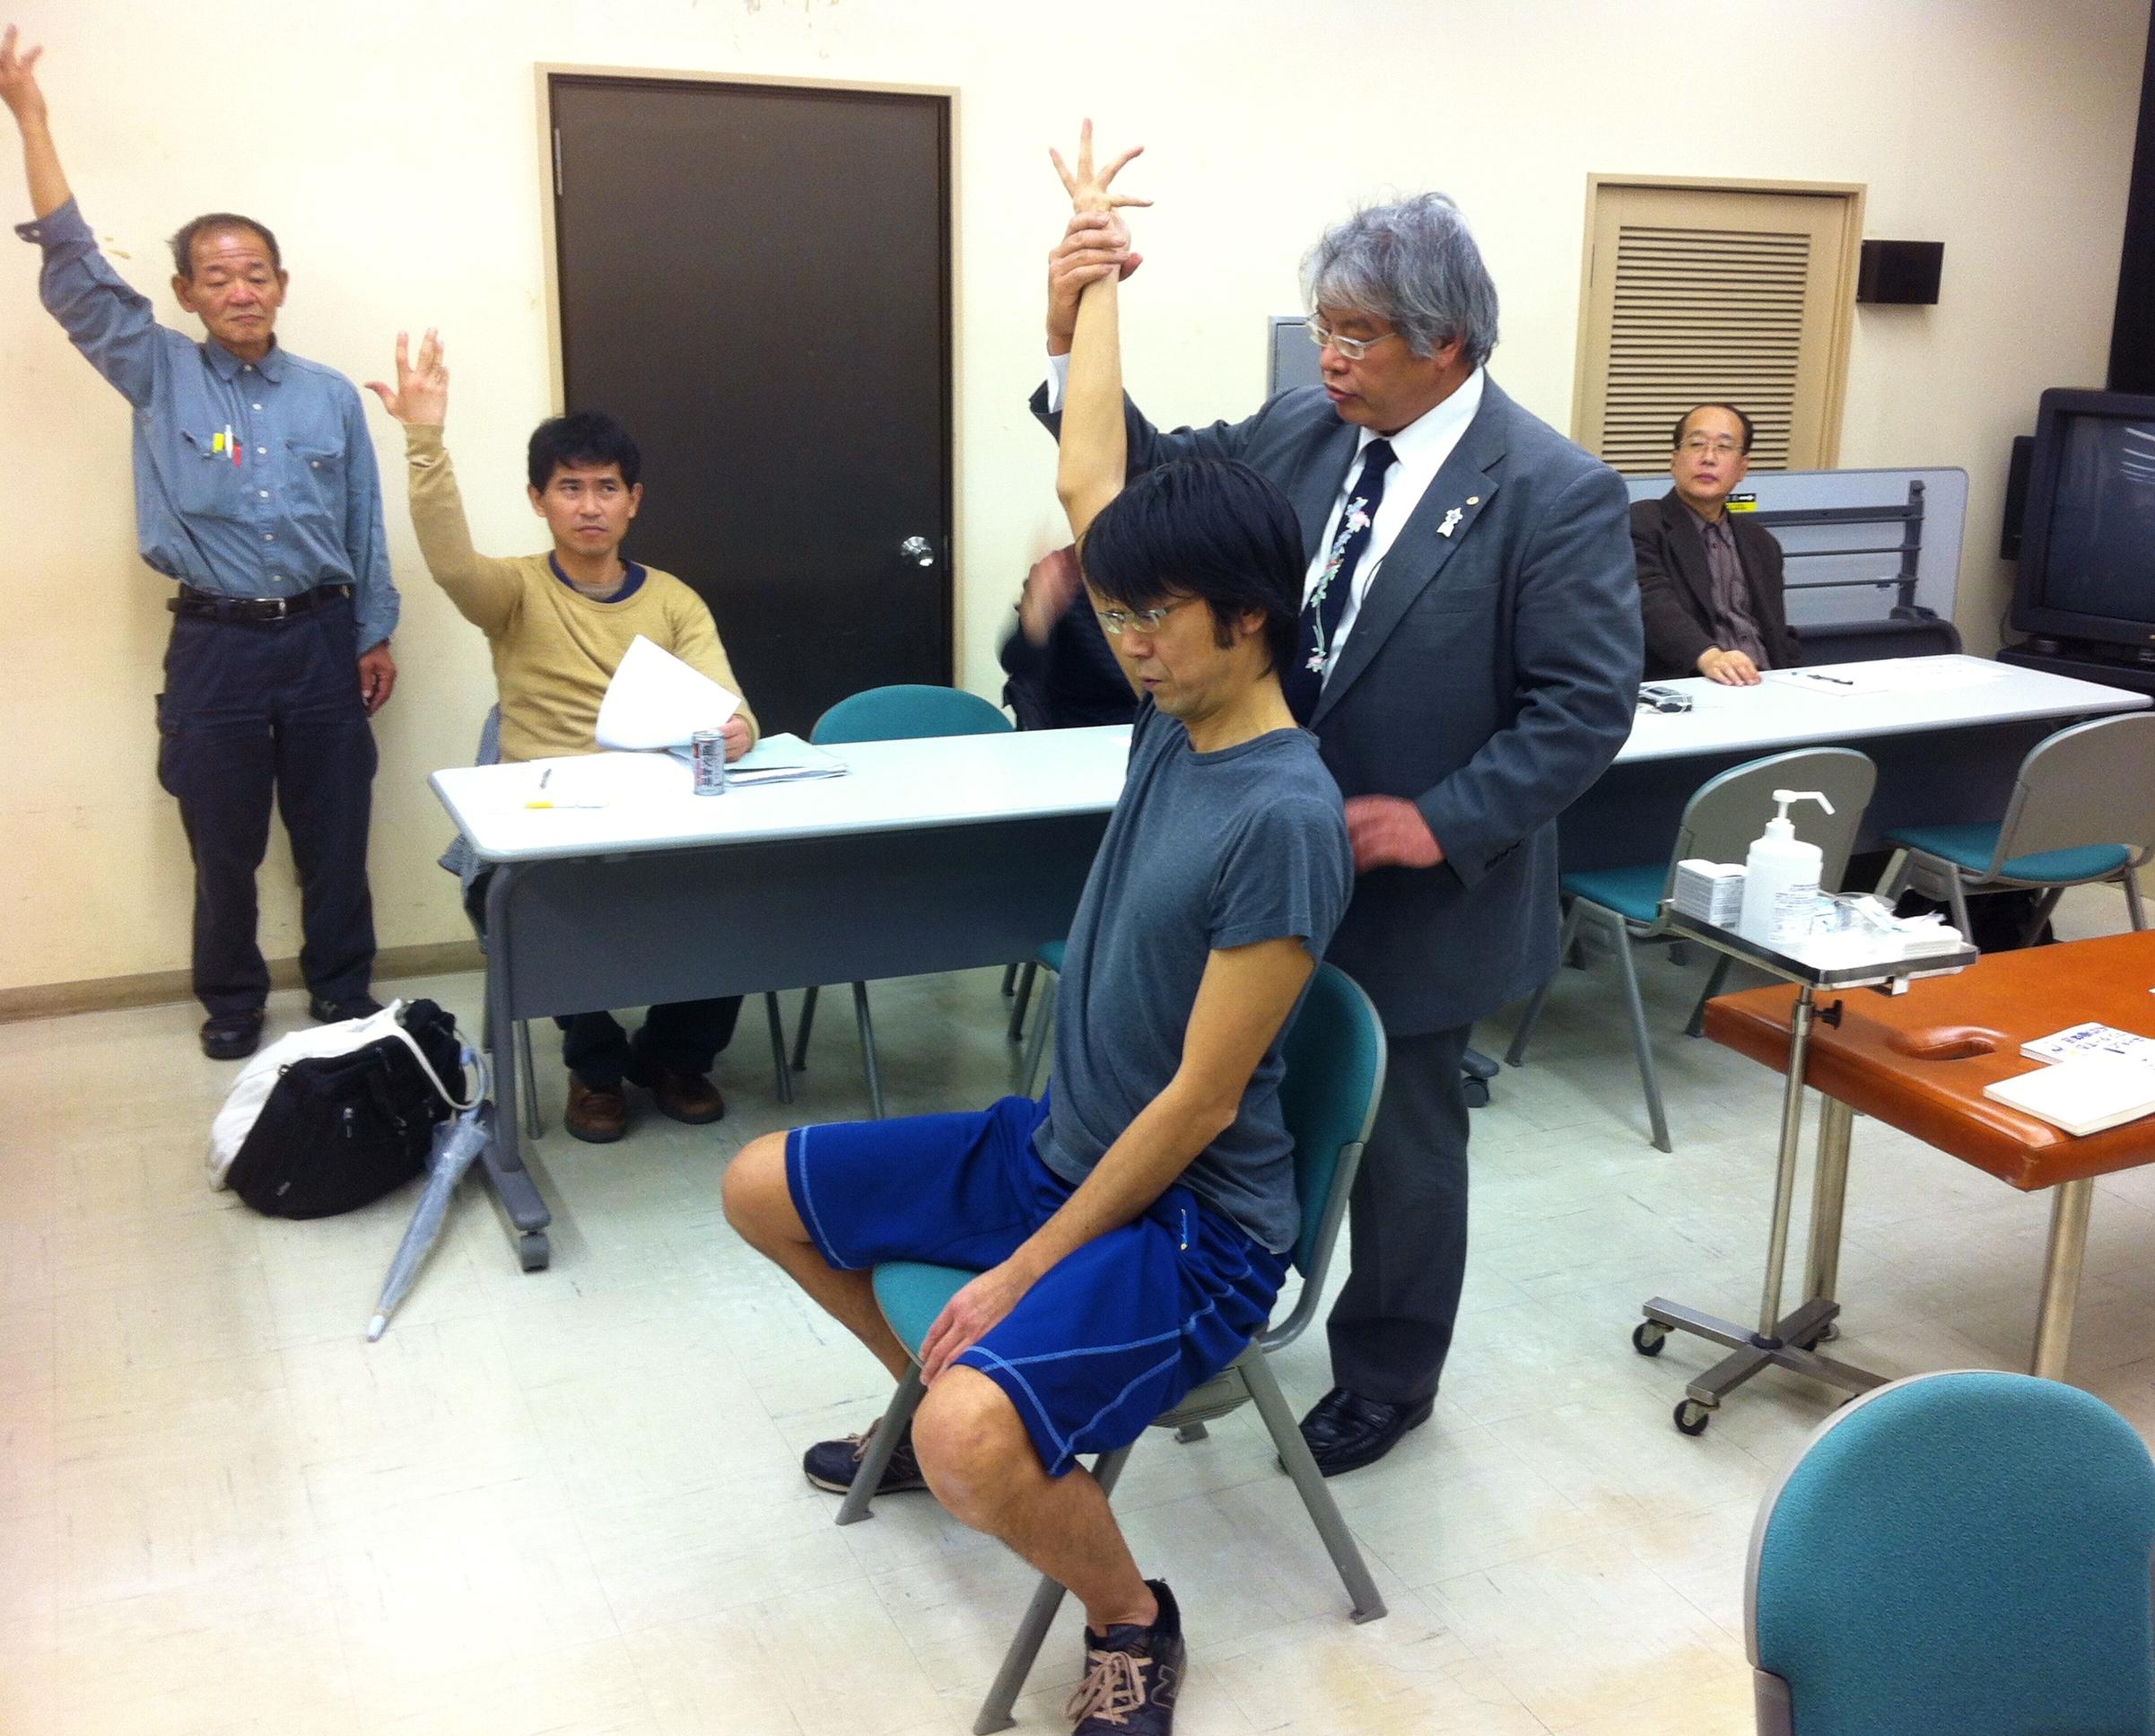 11月実施 特別症例検「操体法と鍼灸」 元吉 正幸氏 南上 亮氏